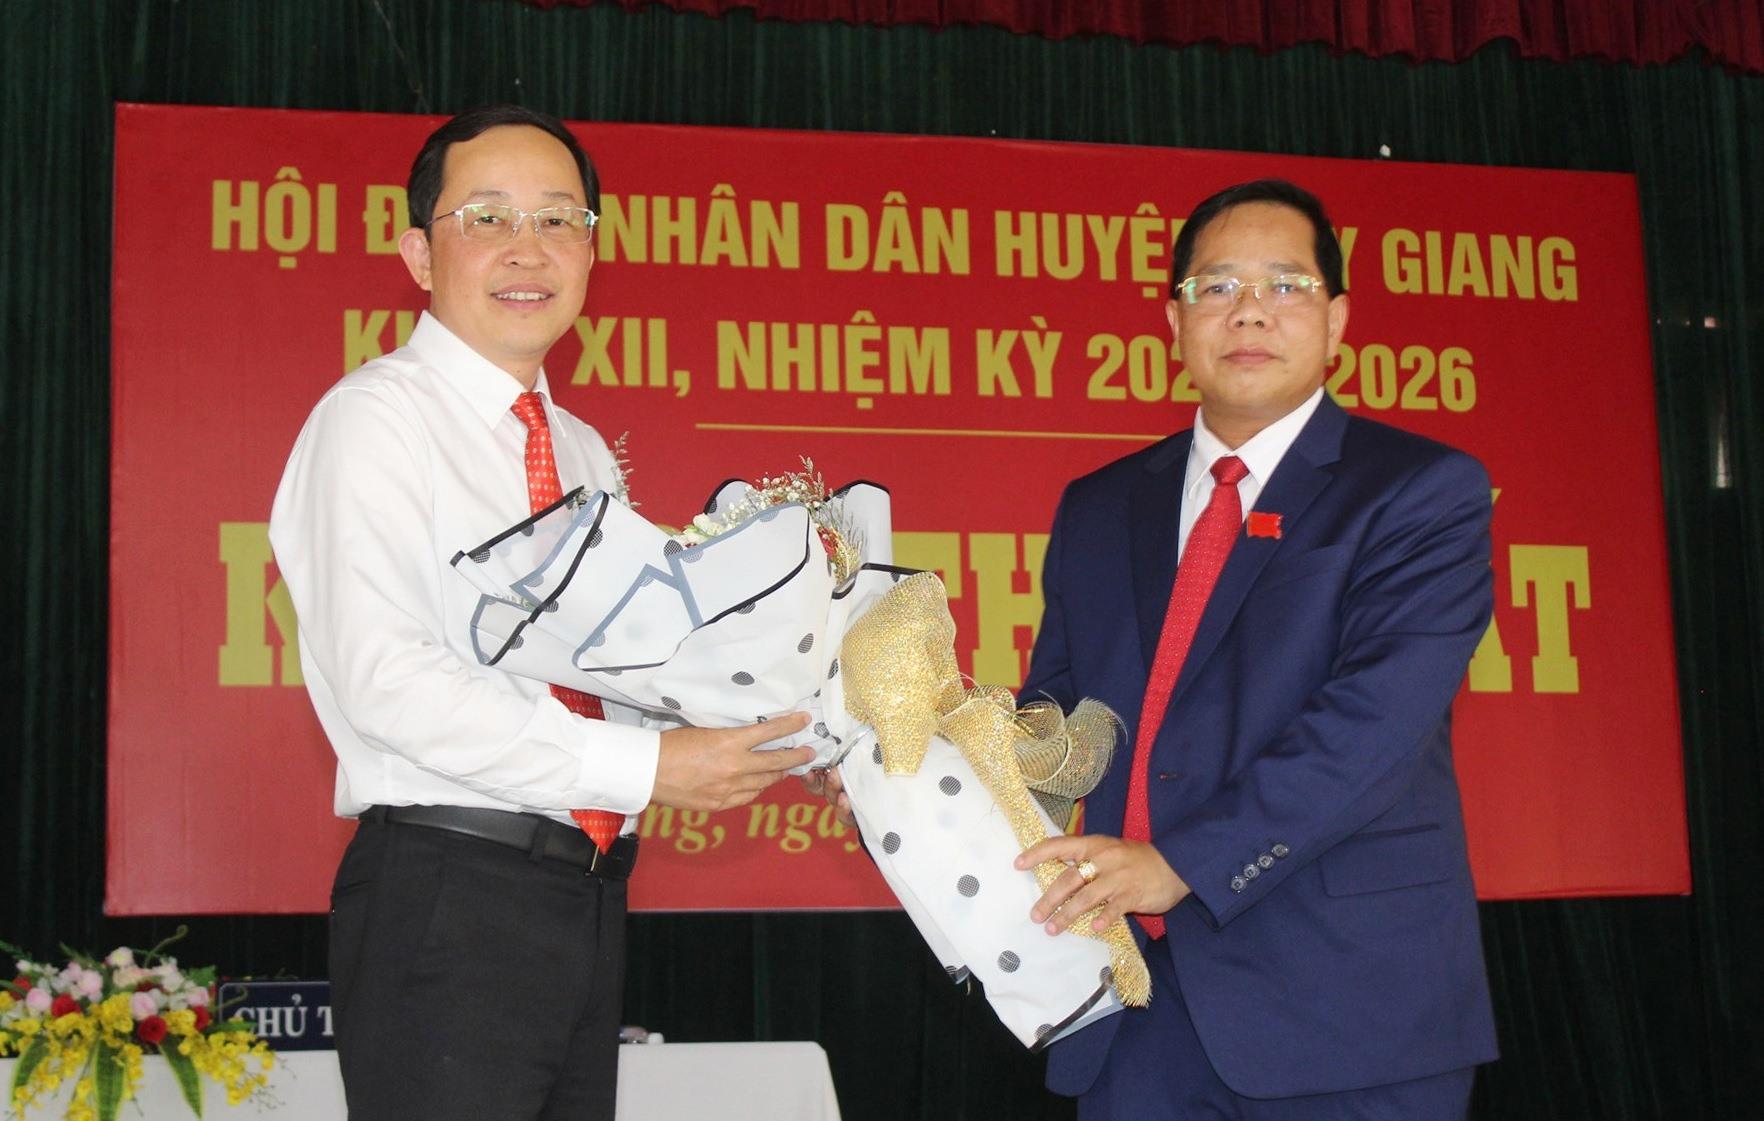 Ông Bhling Mia (áo xanh) và ông Nguyễn Văn Lượm được bầu giữ chức vụ Chủ tịch HĐND huyện và UBND huyện khóa XII, nhiệm kỳ 2021-2026